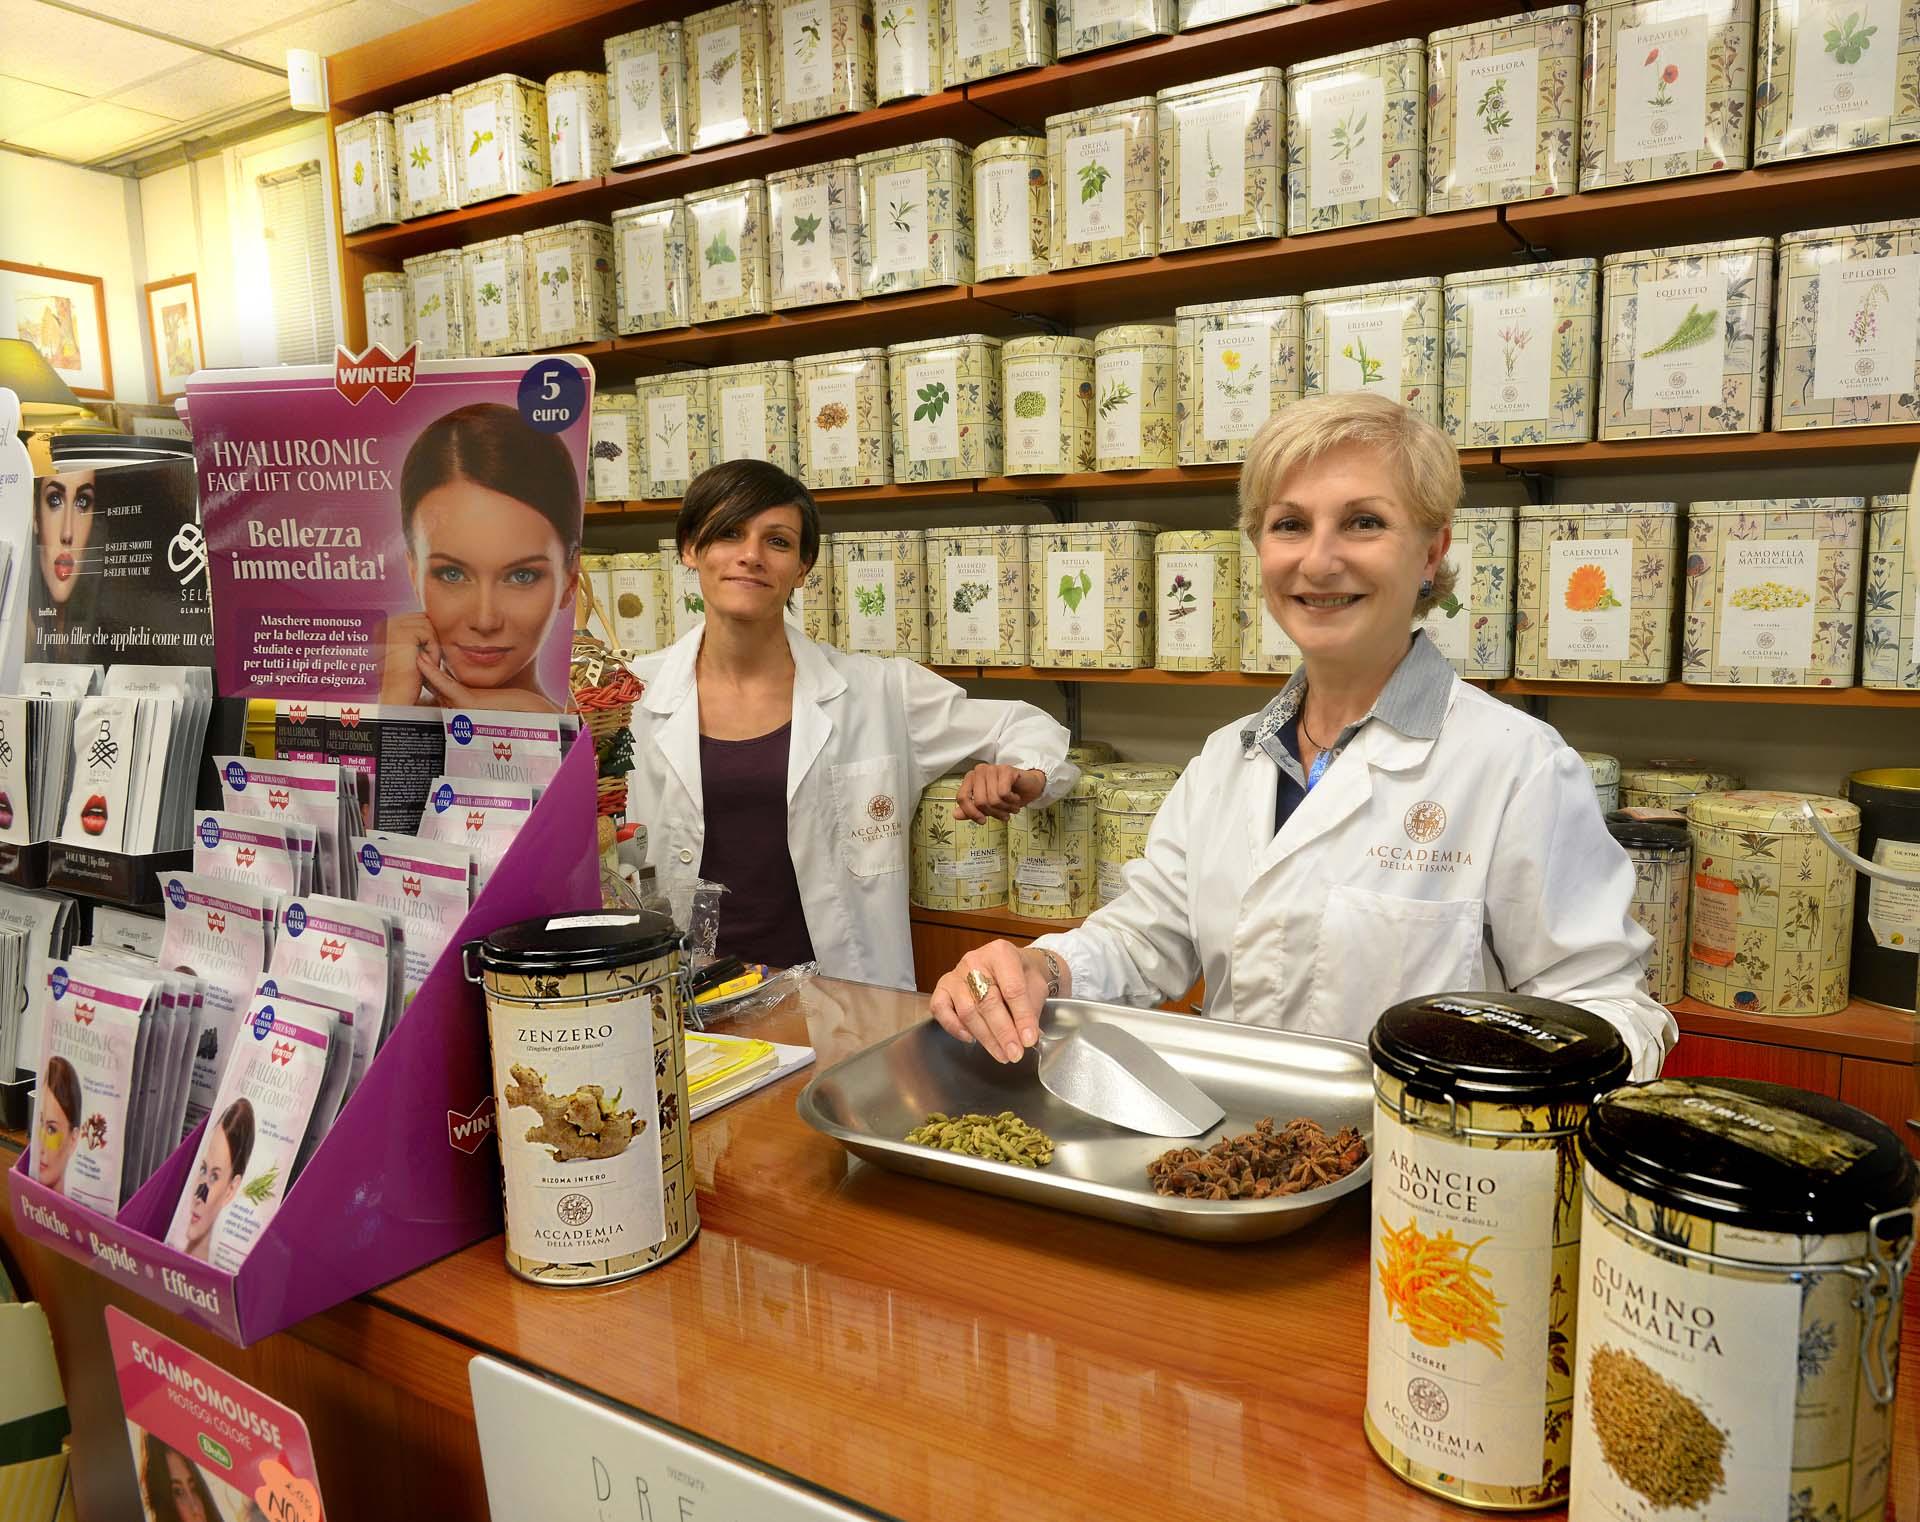 Micoterapia funghi medicinali Modena